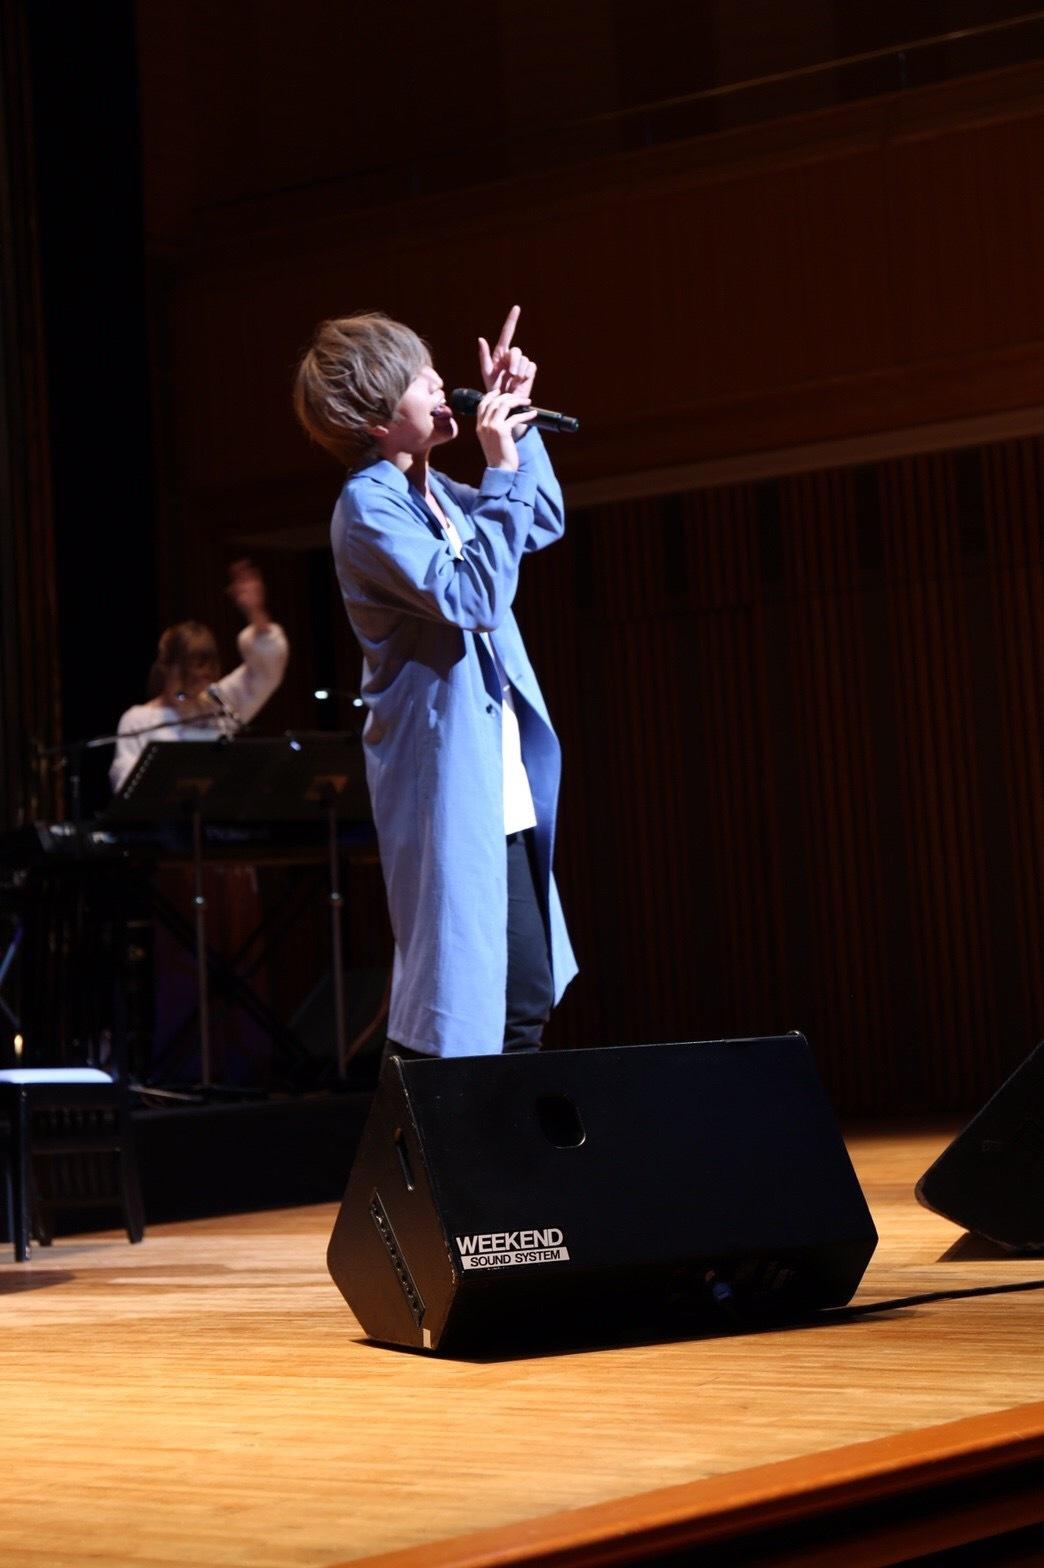 【オークション】ライブで使用した衣装C